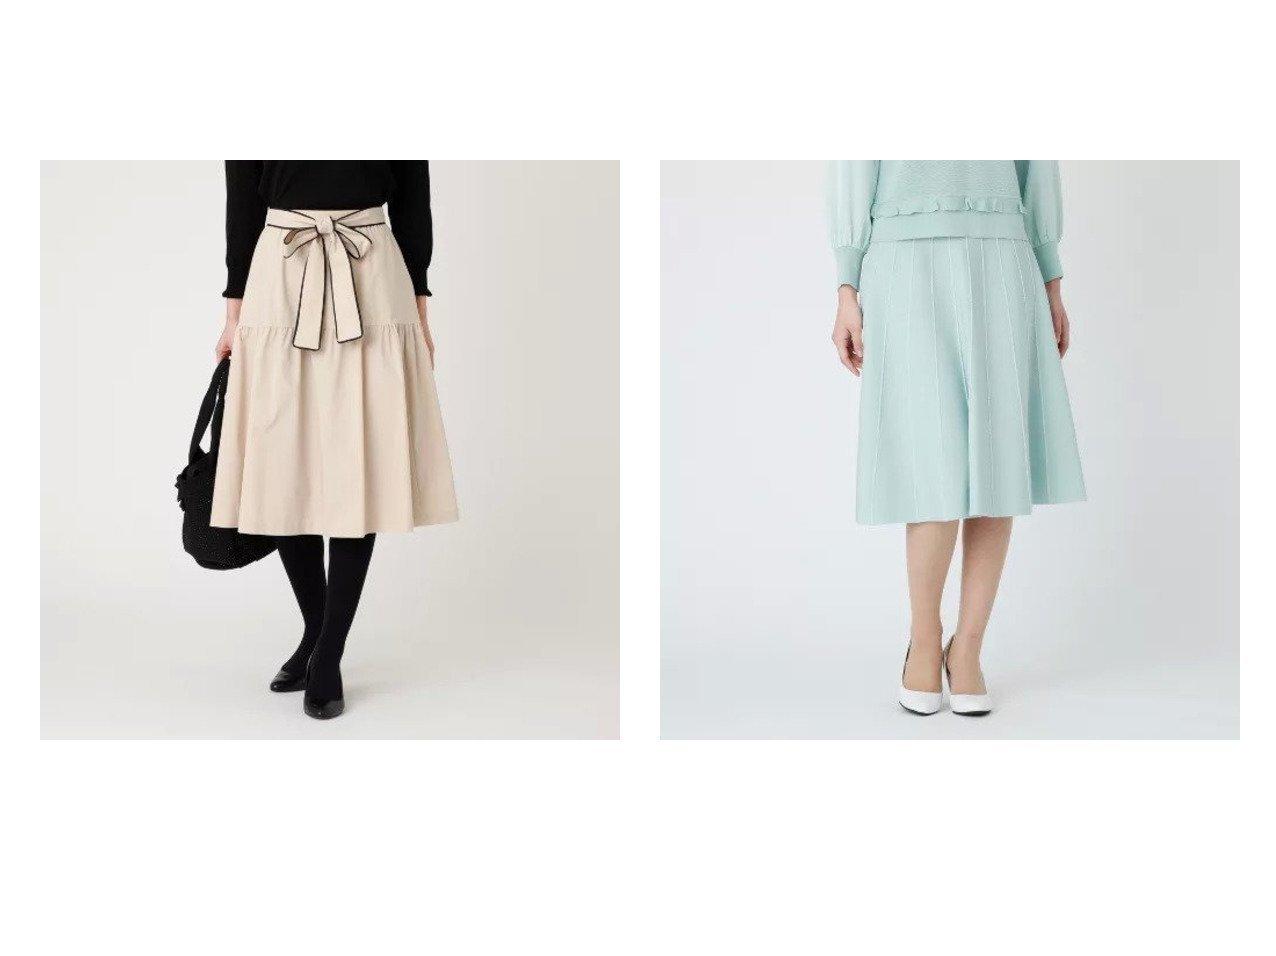 【TO BE CHIC/トゥー ビー シック】のゼフィールタフタスカート&ピークスニットスカート スカートのおすすめ!人気トレンド・レディースファッションの通販 おすすめで人気の流行・トレンド、ファッションの通販商品 メンズファッション・キッズファッション・インテリア・家具・レディースファッション・服の通販 founy(ファニー) https://founy.com/ ファッション Fashion レディースファッション WOMEN スカート Skirt タフタ パイピング マキシ リボン ロング  ID:crp329100000008993